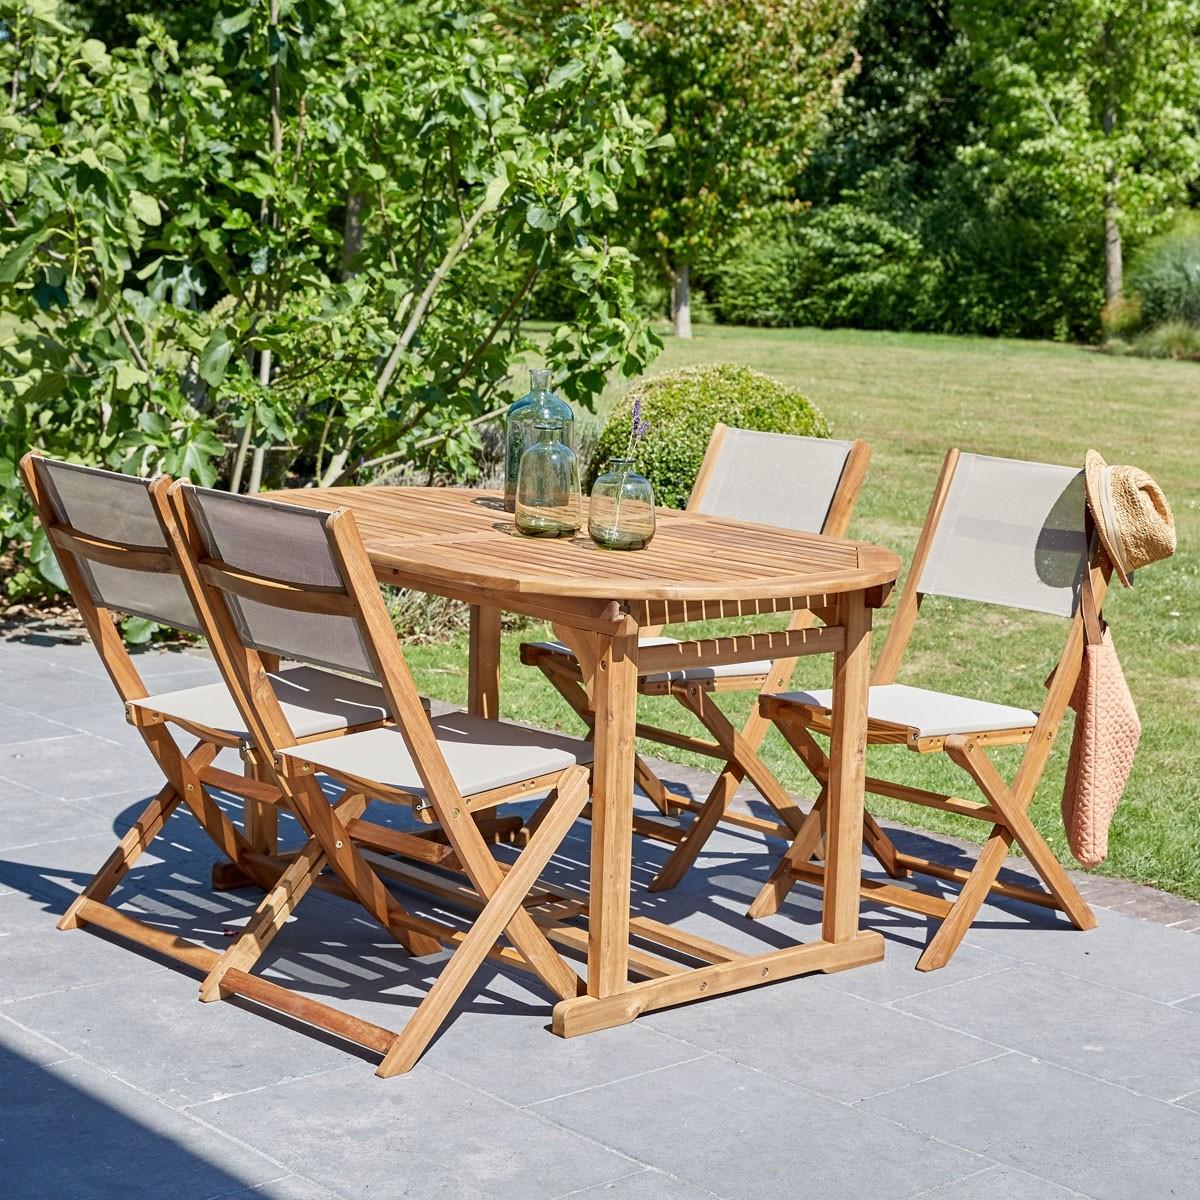 Salon de jardin en bois d 39 acacia fsc et textil ne bois for Salon de jardin bois